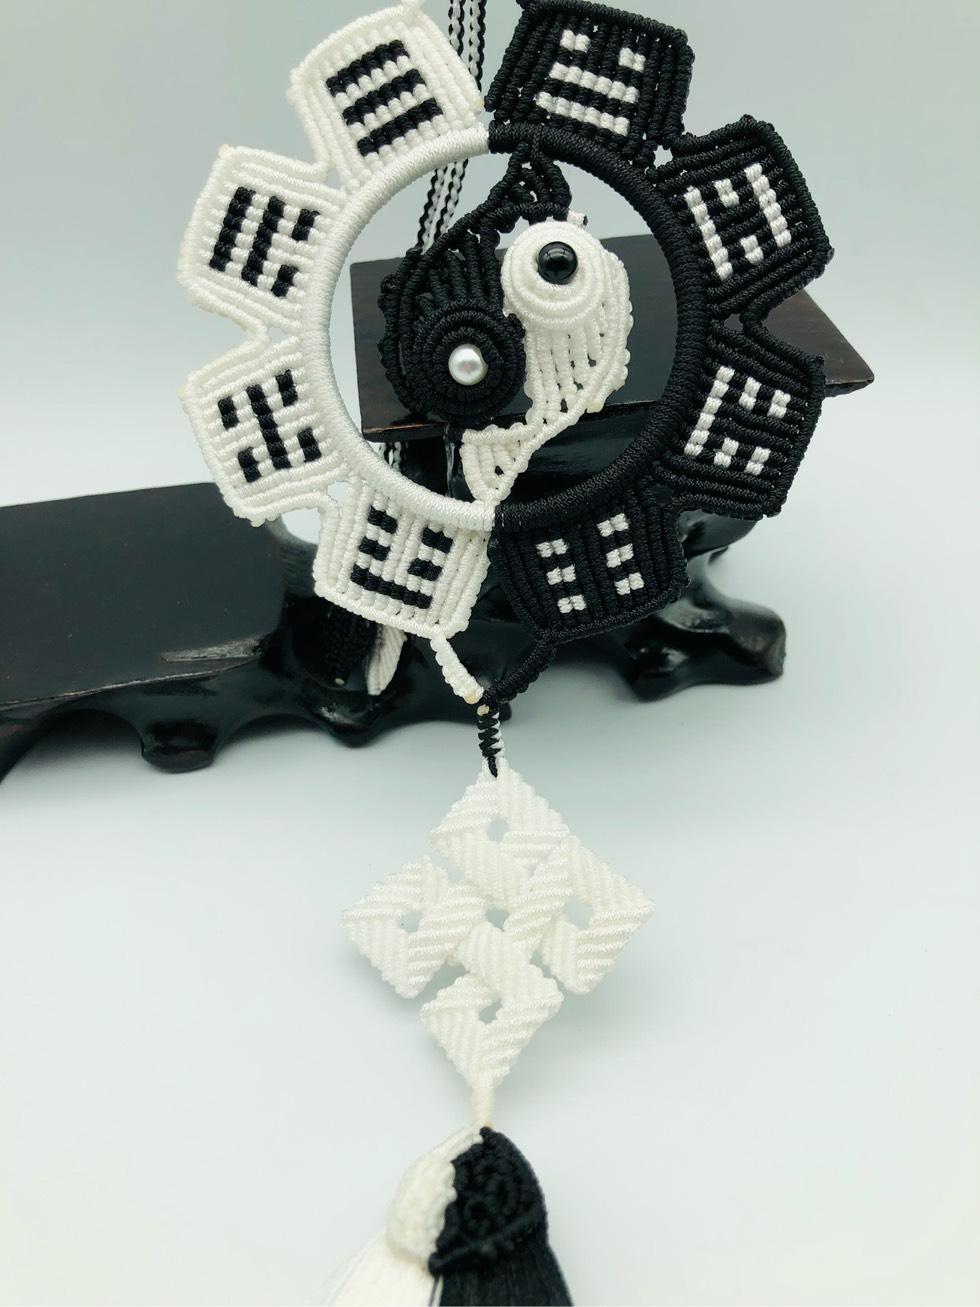 中国结论坛 黑与白 黑与白歌曲,白的还是黑的什么意思,黑与白之间的关系,黑与白是我们的距离 作品展示 222801qmrwom76h7z9m92e